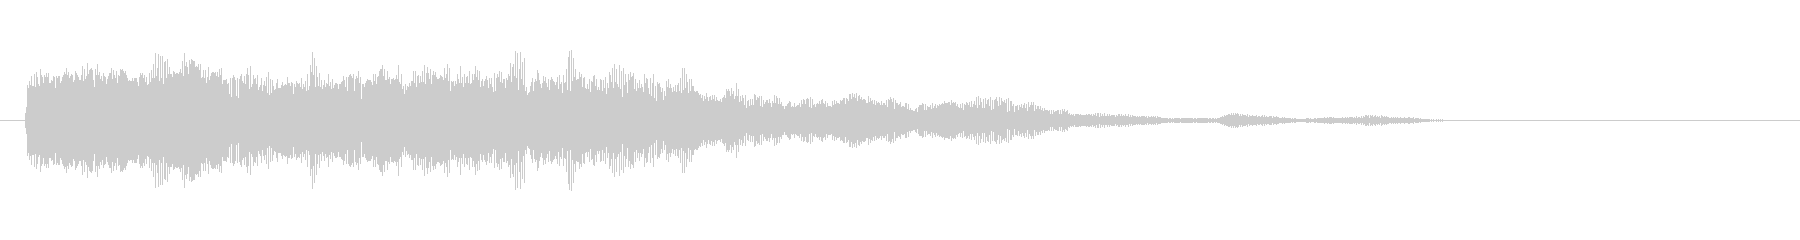 素材 シンセチャープディープ02の未再生の波形